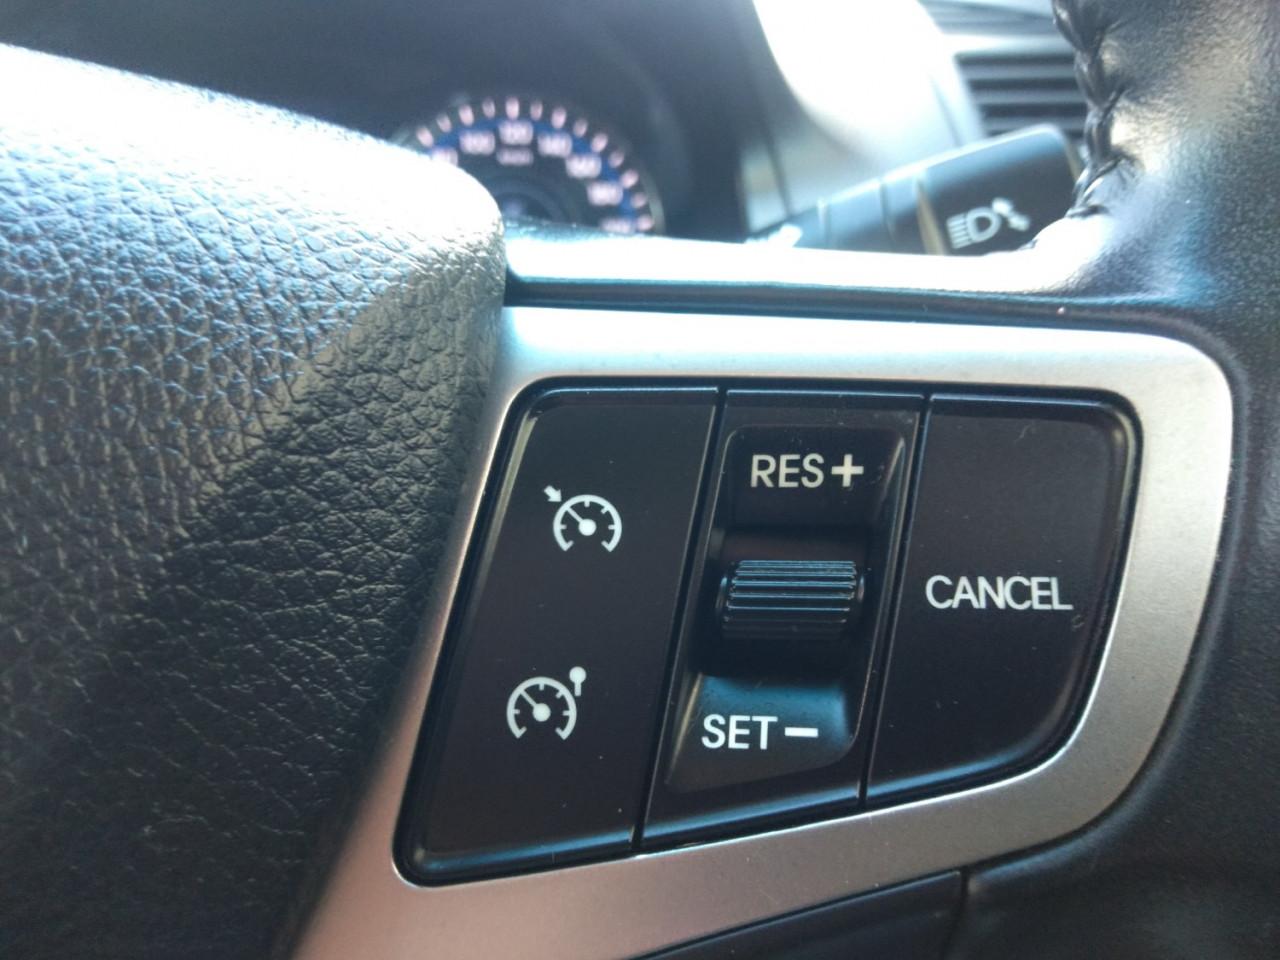 2013 Hyundai I40 VF2 ACTIVE Wagon Image 14